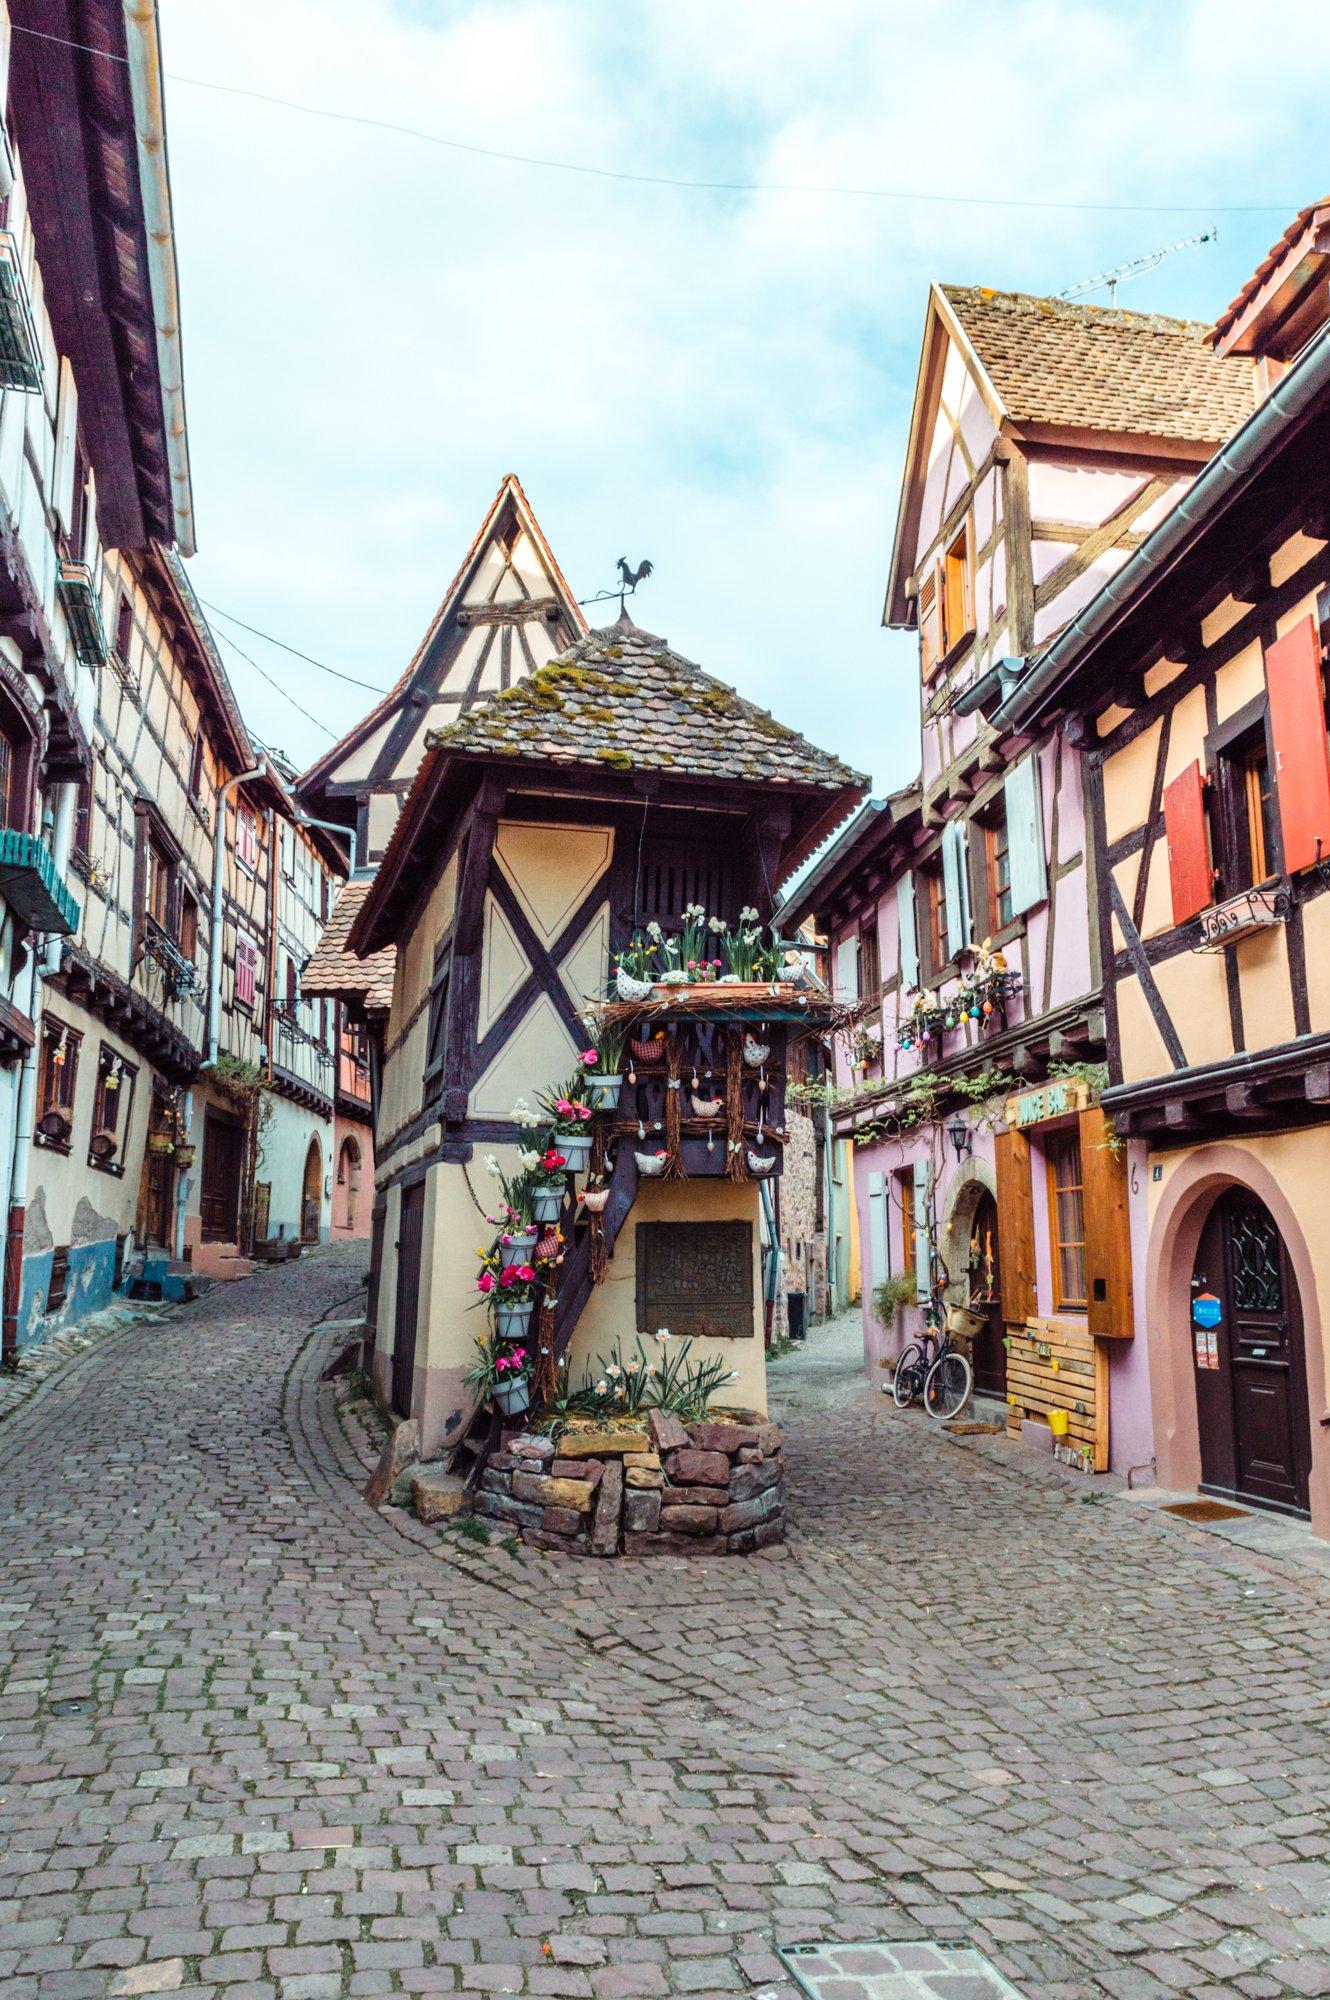 La casa più famosa e fotografata di Eguisheim, Alsazia